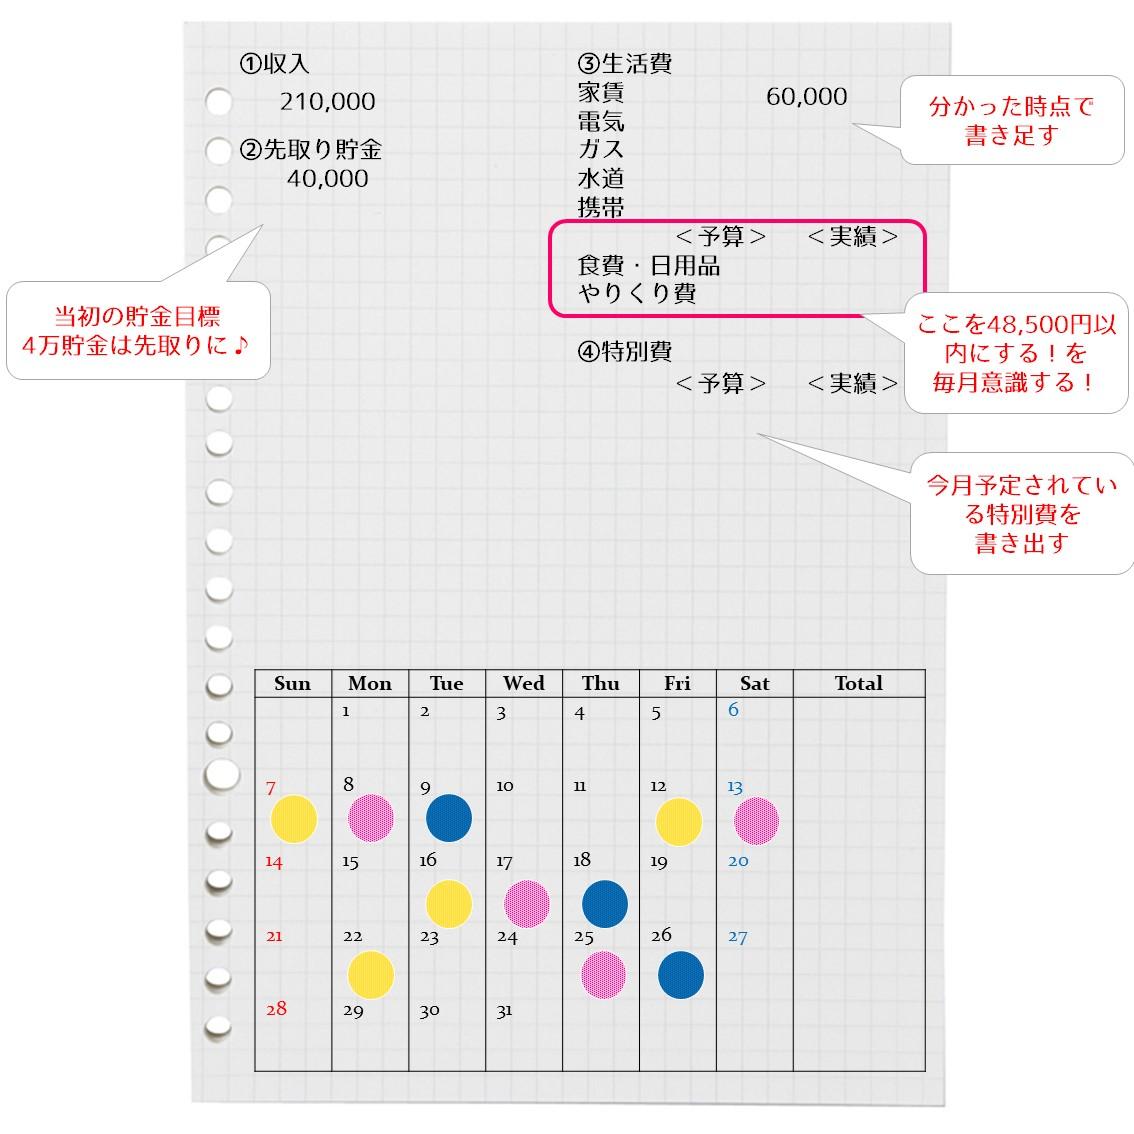 えま の 家計 簿 えまの家計簿ノート~オリジナル家計簿の作り方実践例~|えまの家計...